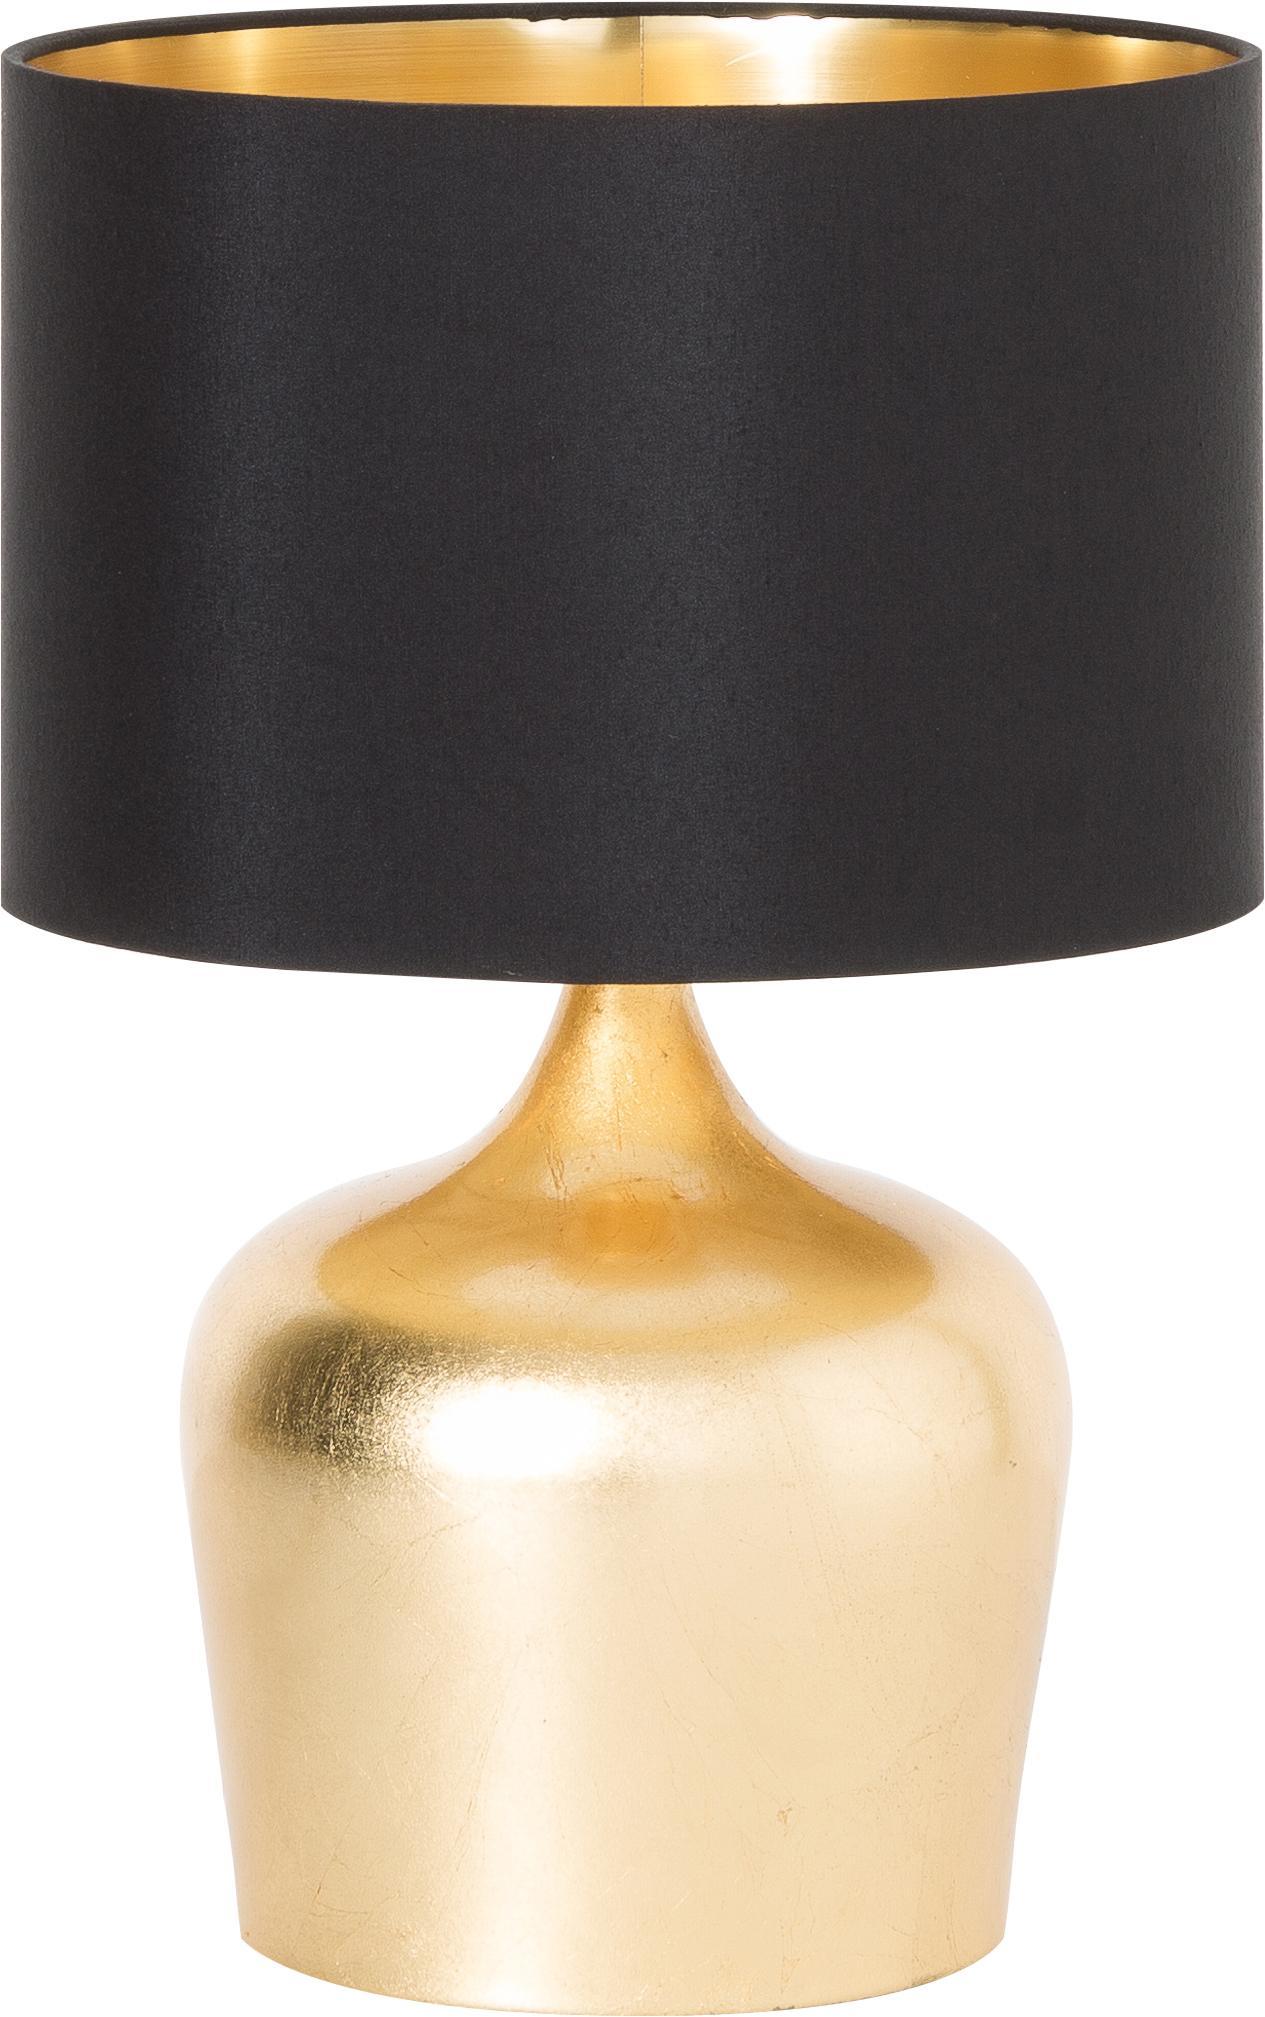 Ethno tafellamp Manalba, Lampenkap: polyester, kunststof, Lampvoet: gelakt staal, Zwart, goudkleurig, Ø 25 x H 38 cm